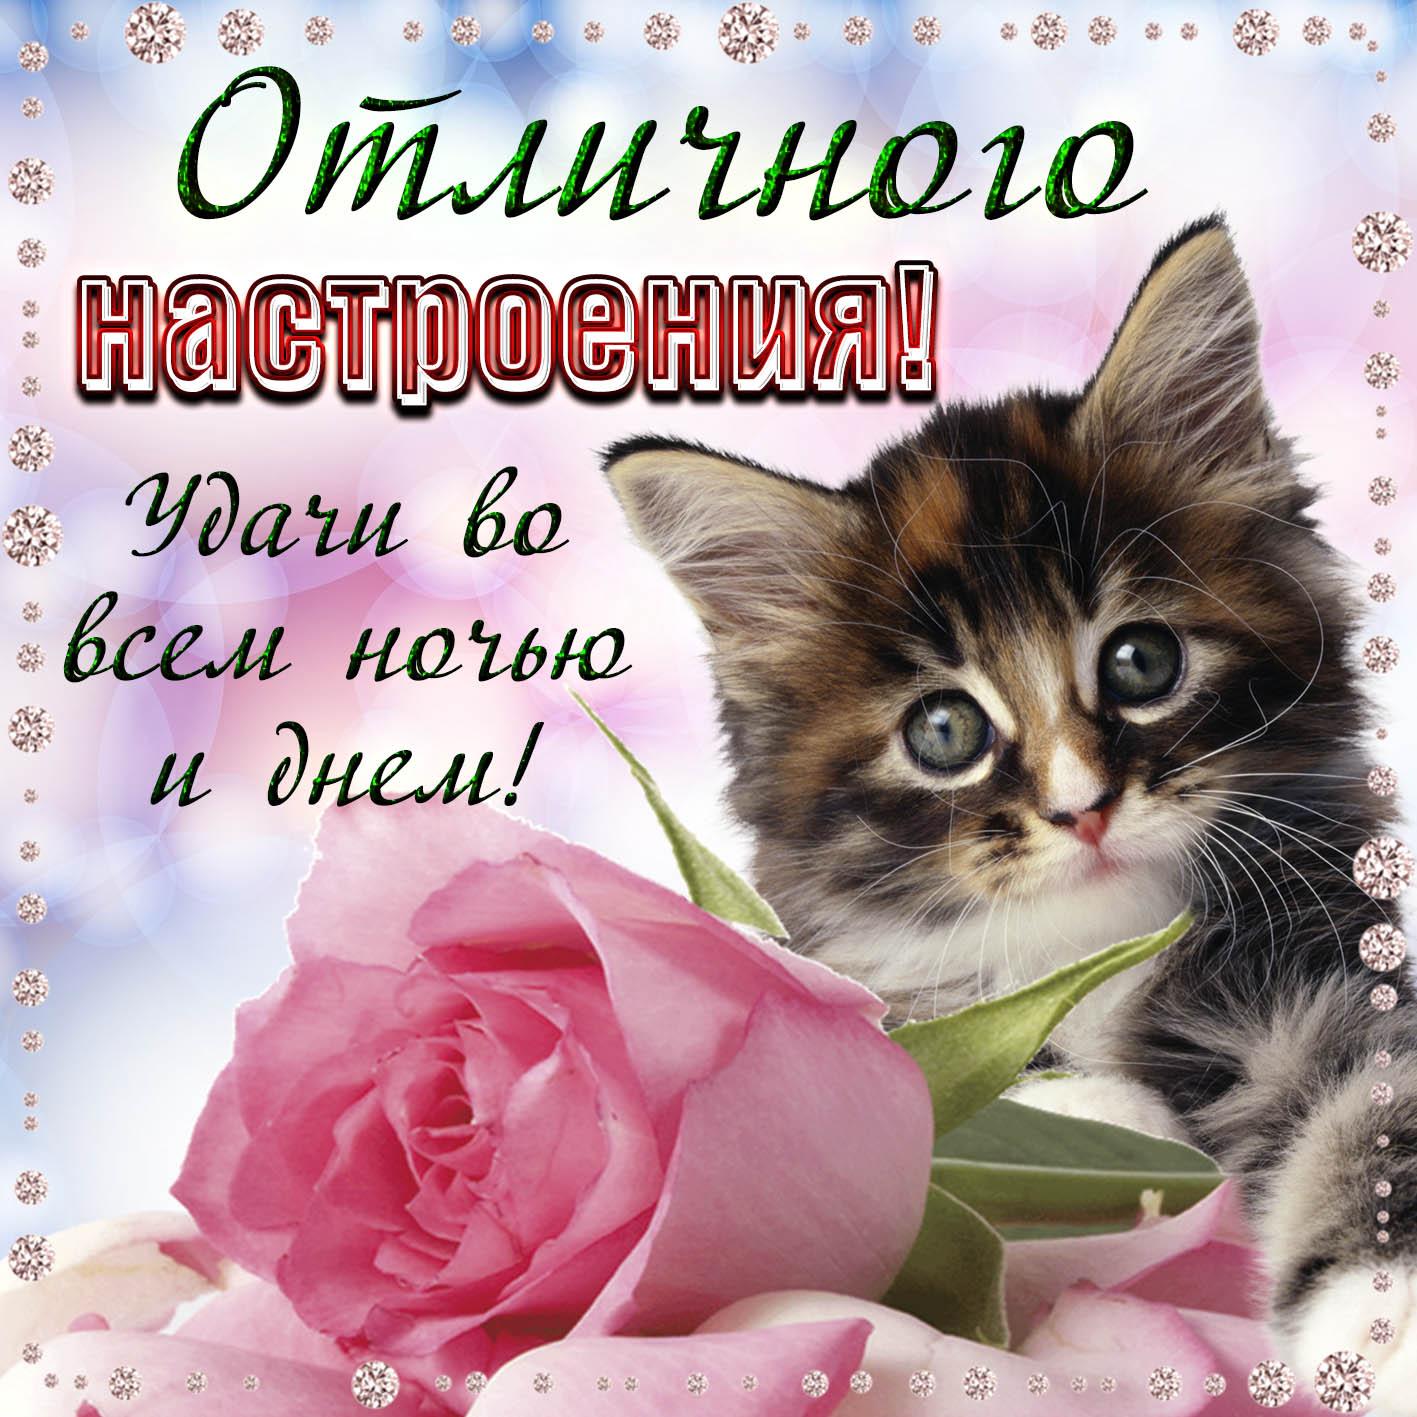 Доброго, открытки хорошего дня и удачи во всем